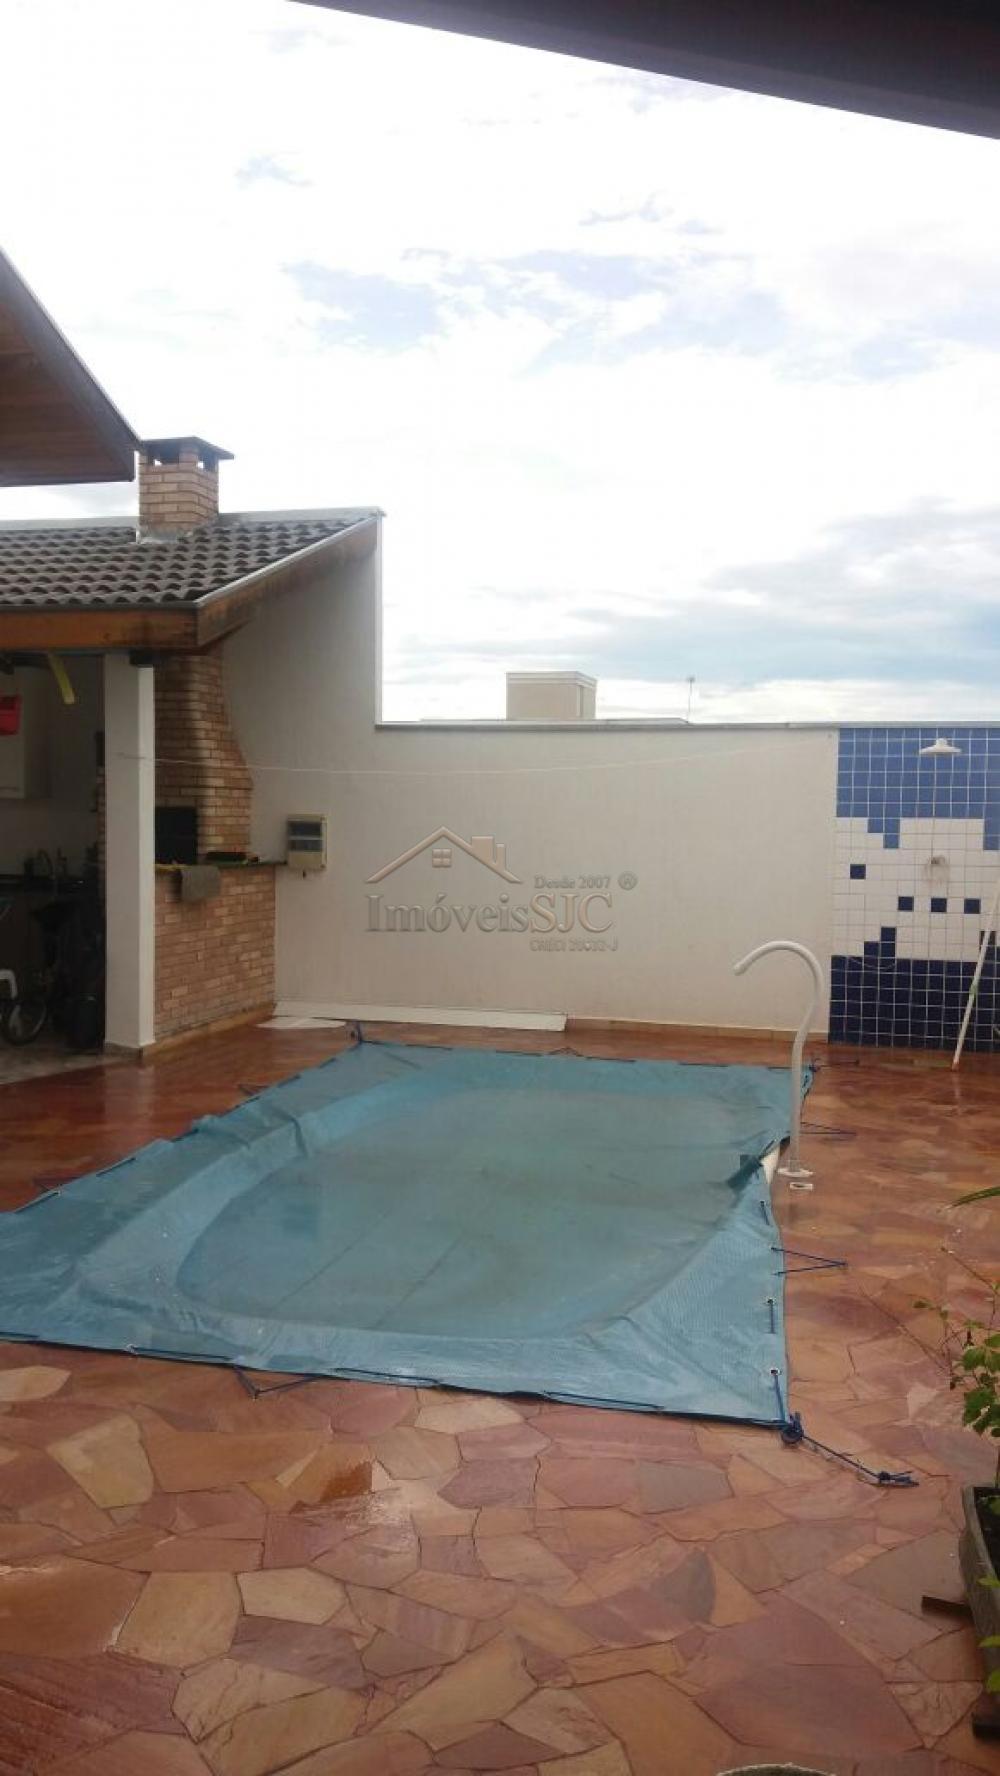 Comprar Casas / Condomínio em Caçapava apenas R$ 530.000,00 - Foto 17